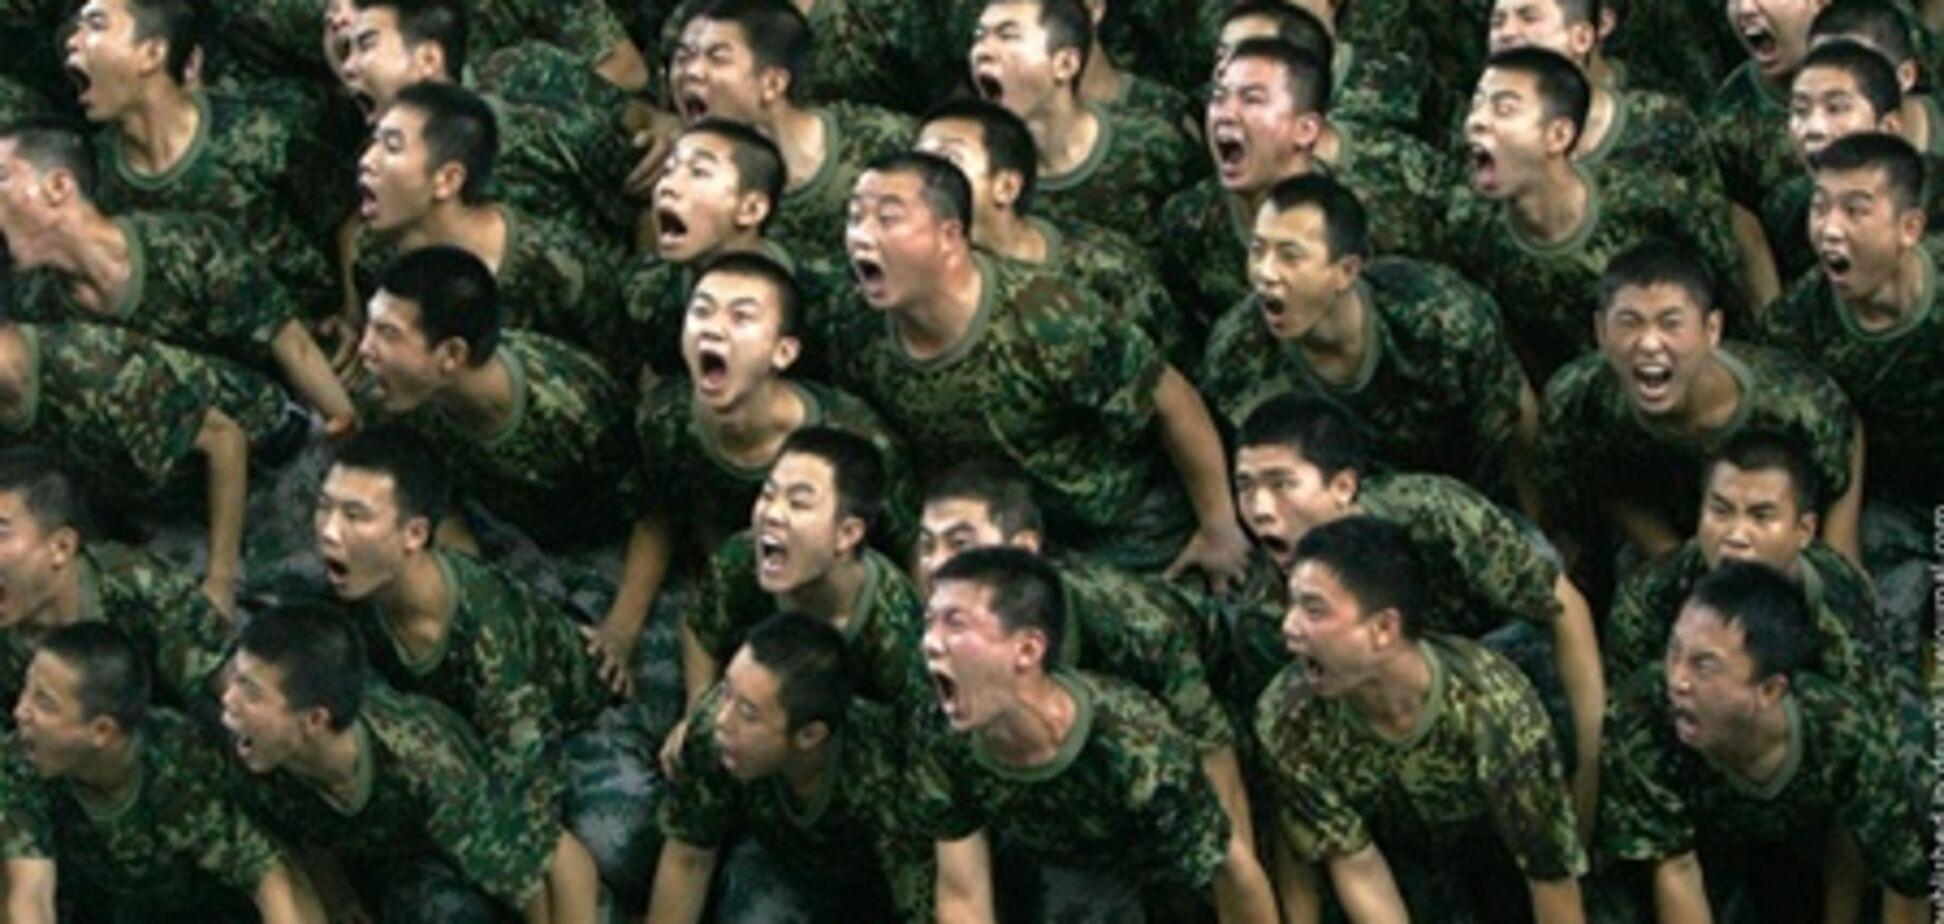 Сможет ли Китай развязать Третью мировую войну?